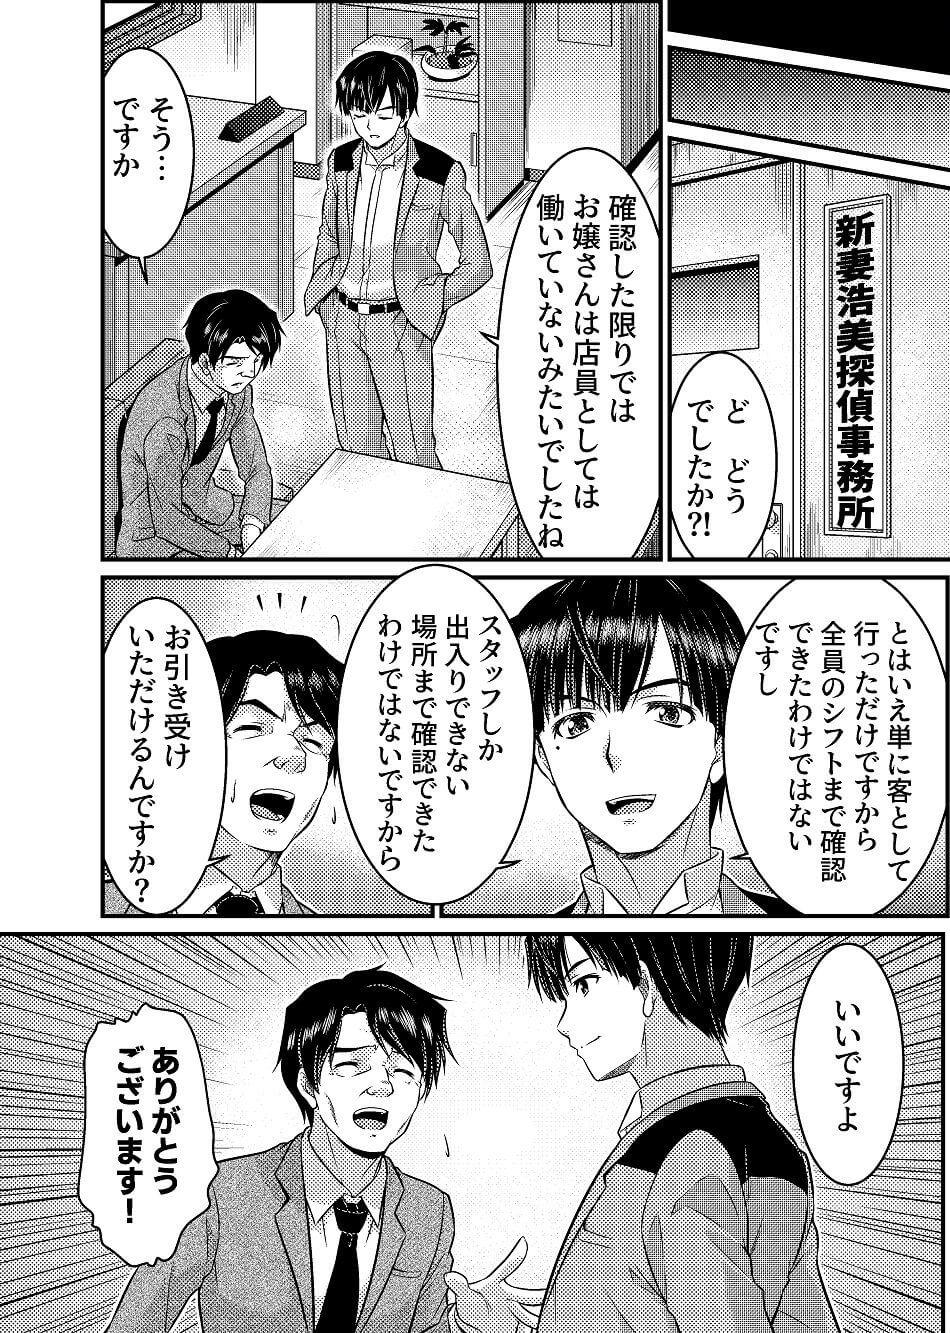 【TS探偵新妻浩美 大学生失踪事件を追え!戦慄のバニーガール】サンプル画像8